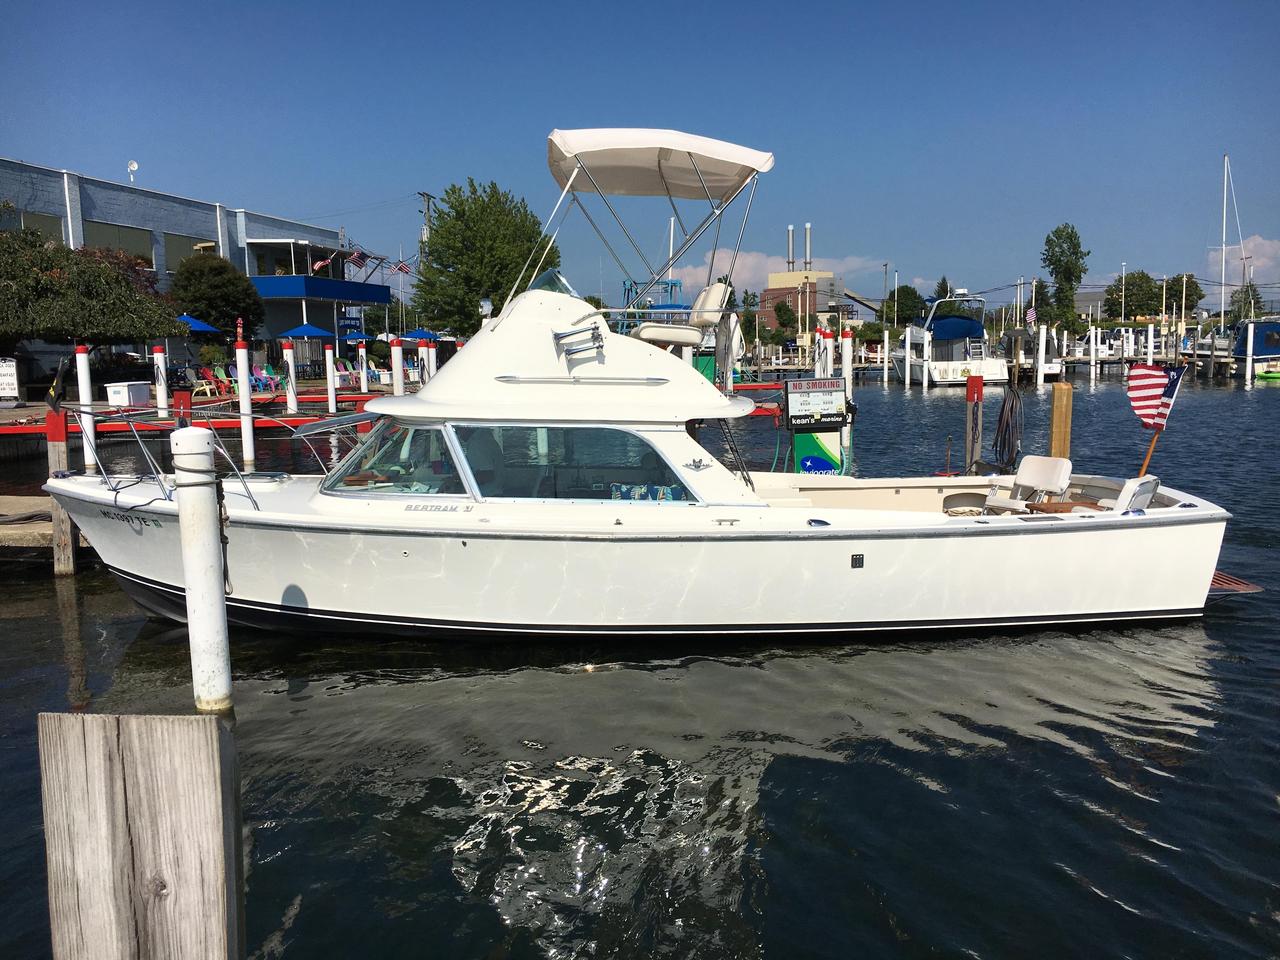 1972 Used Bertram 31 Sportfish Freshwater Fishing Boat For